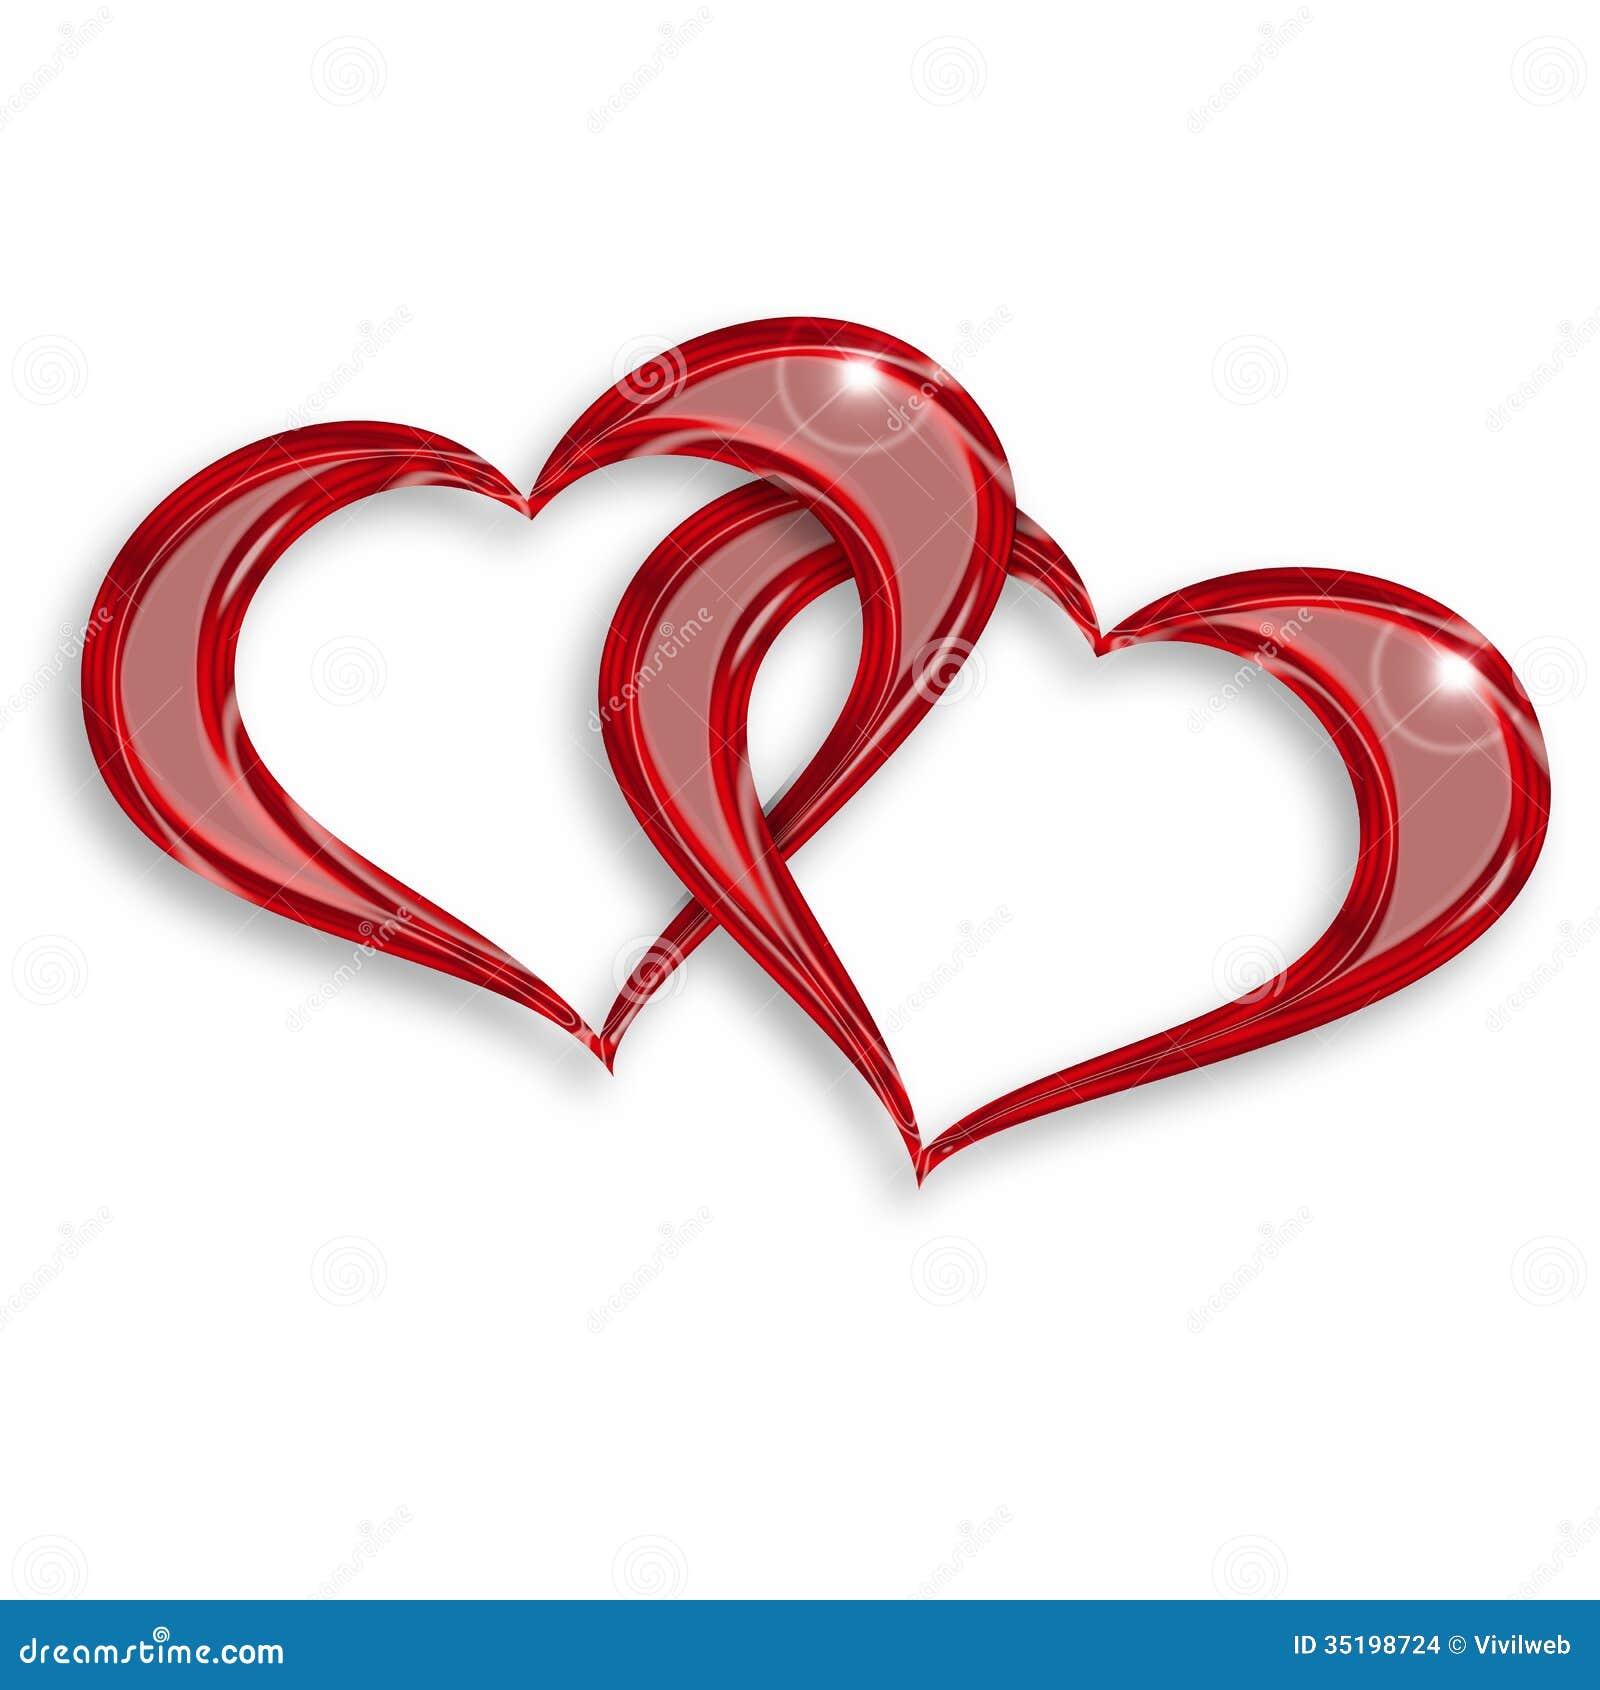 Cuori rossi intrecciati illustrazione di stock for Immagini di cuori rossi